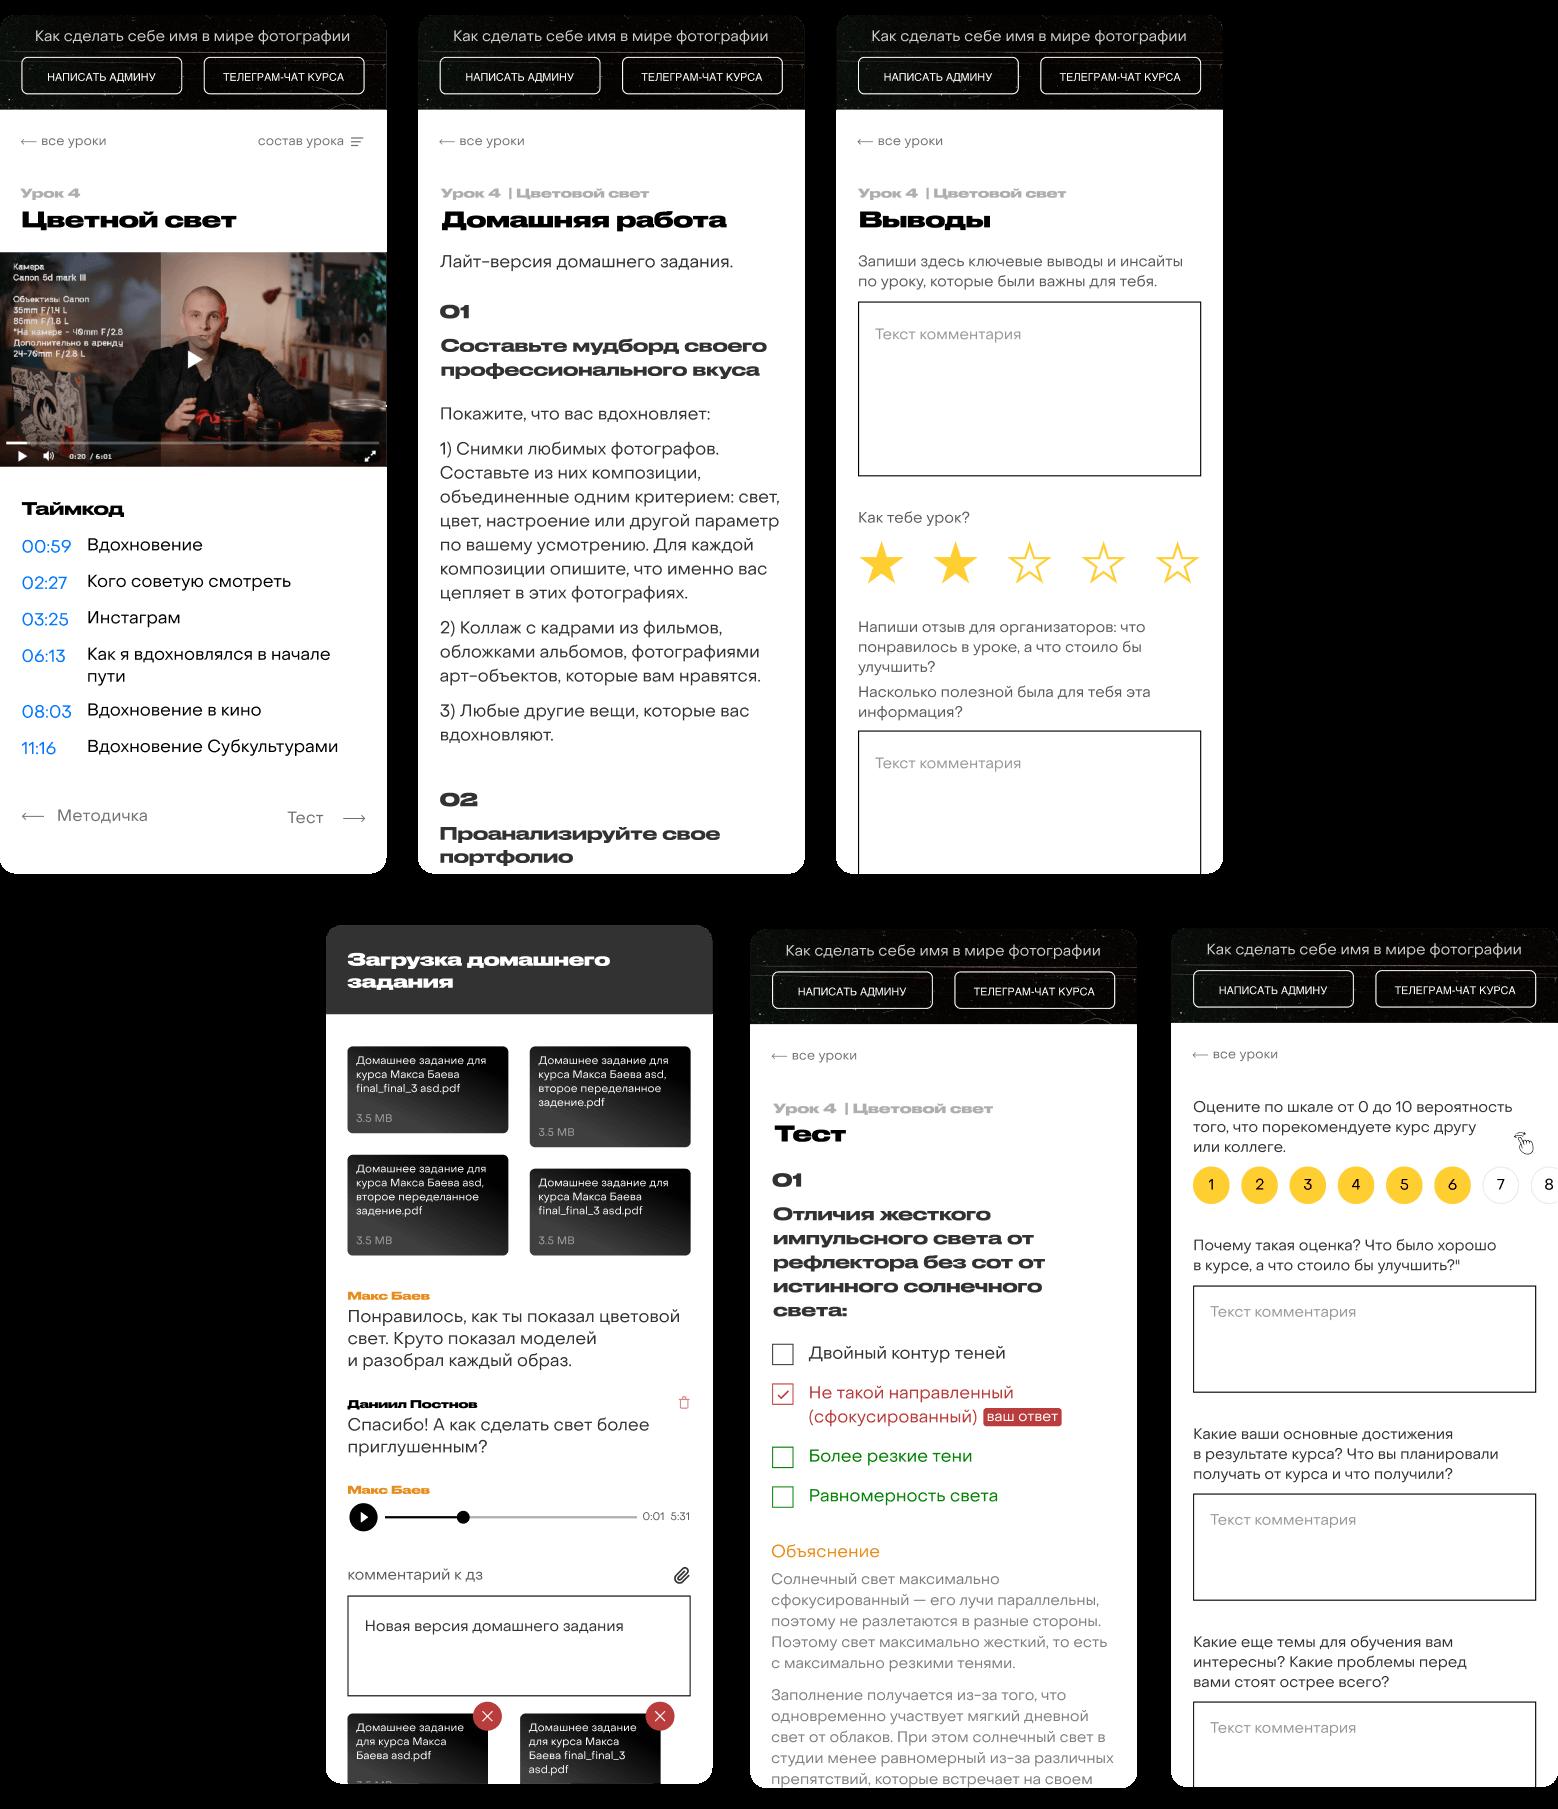 Дизайн личного кабинета для онлайн-курса 9